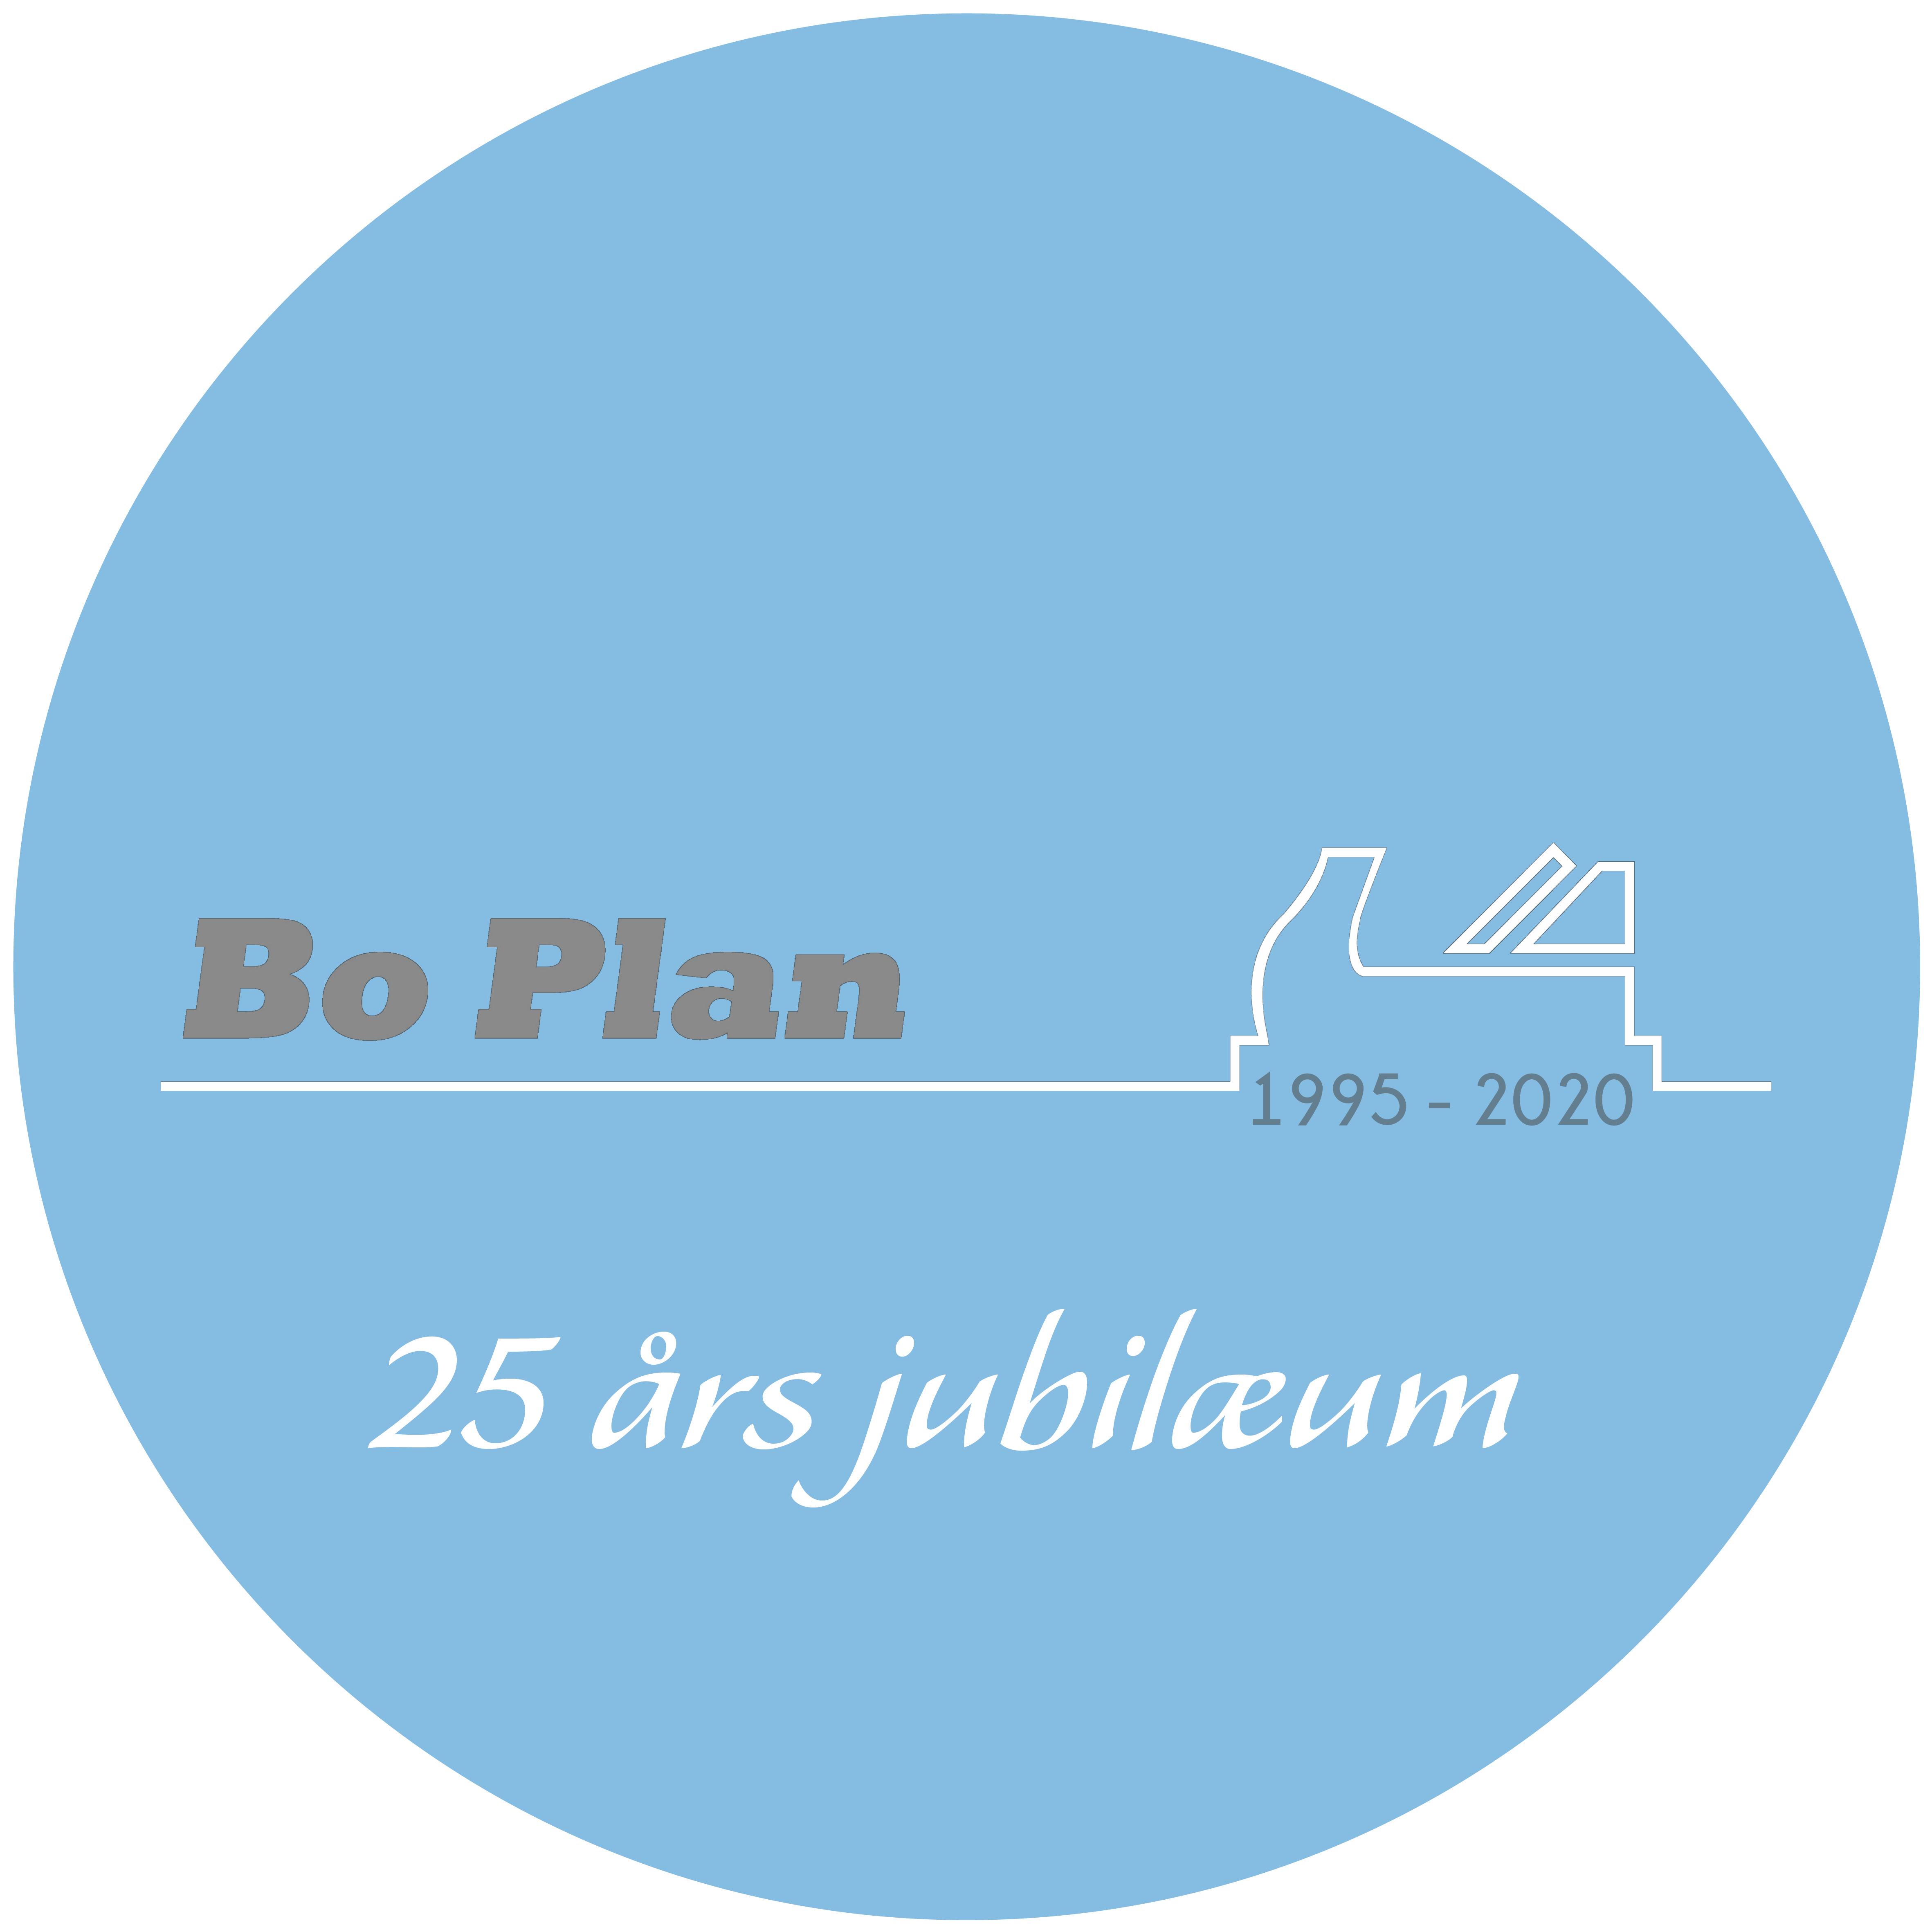 Jubilæums_logo